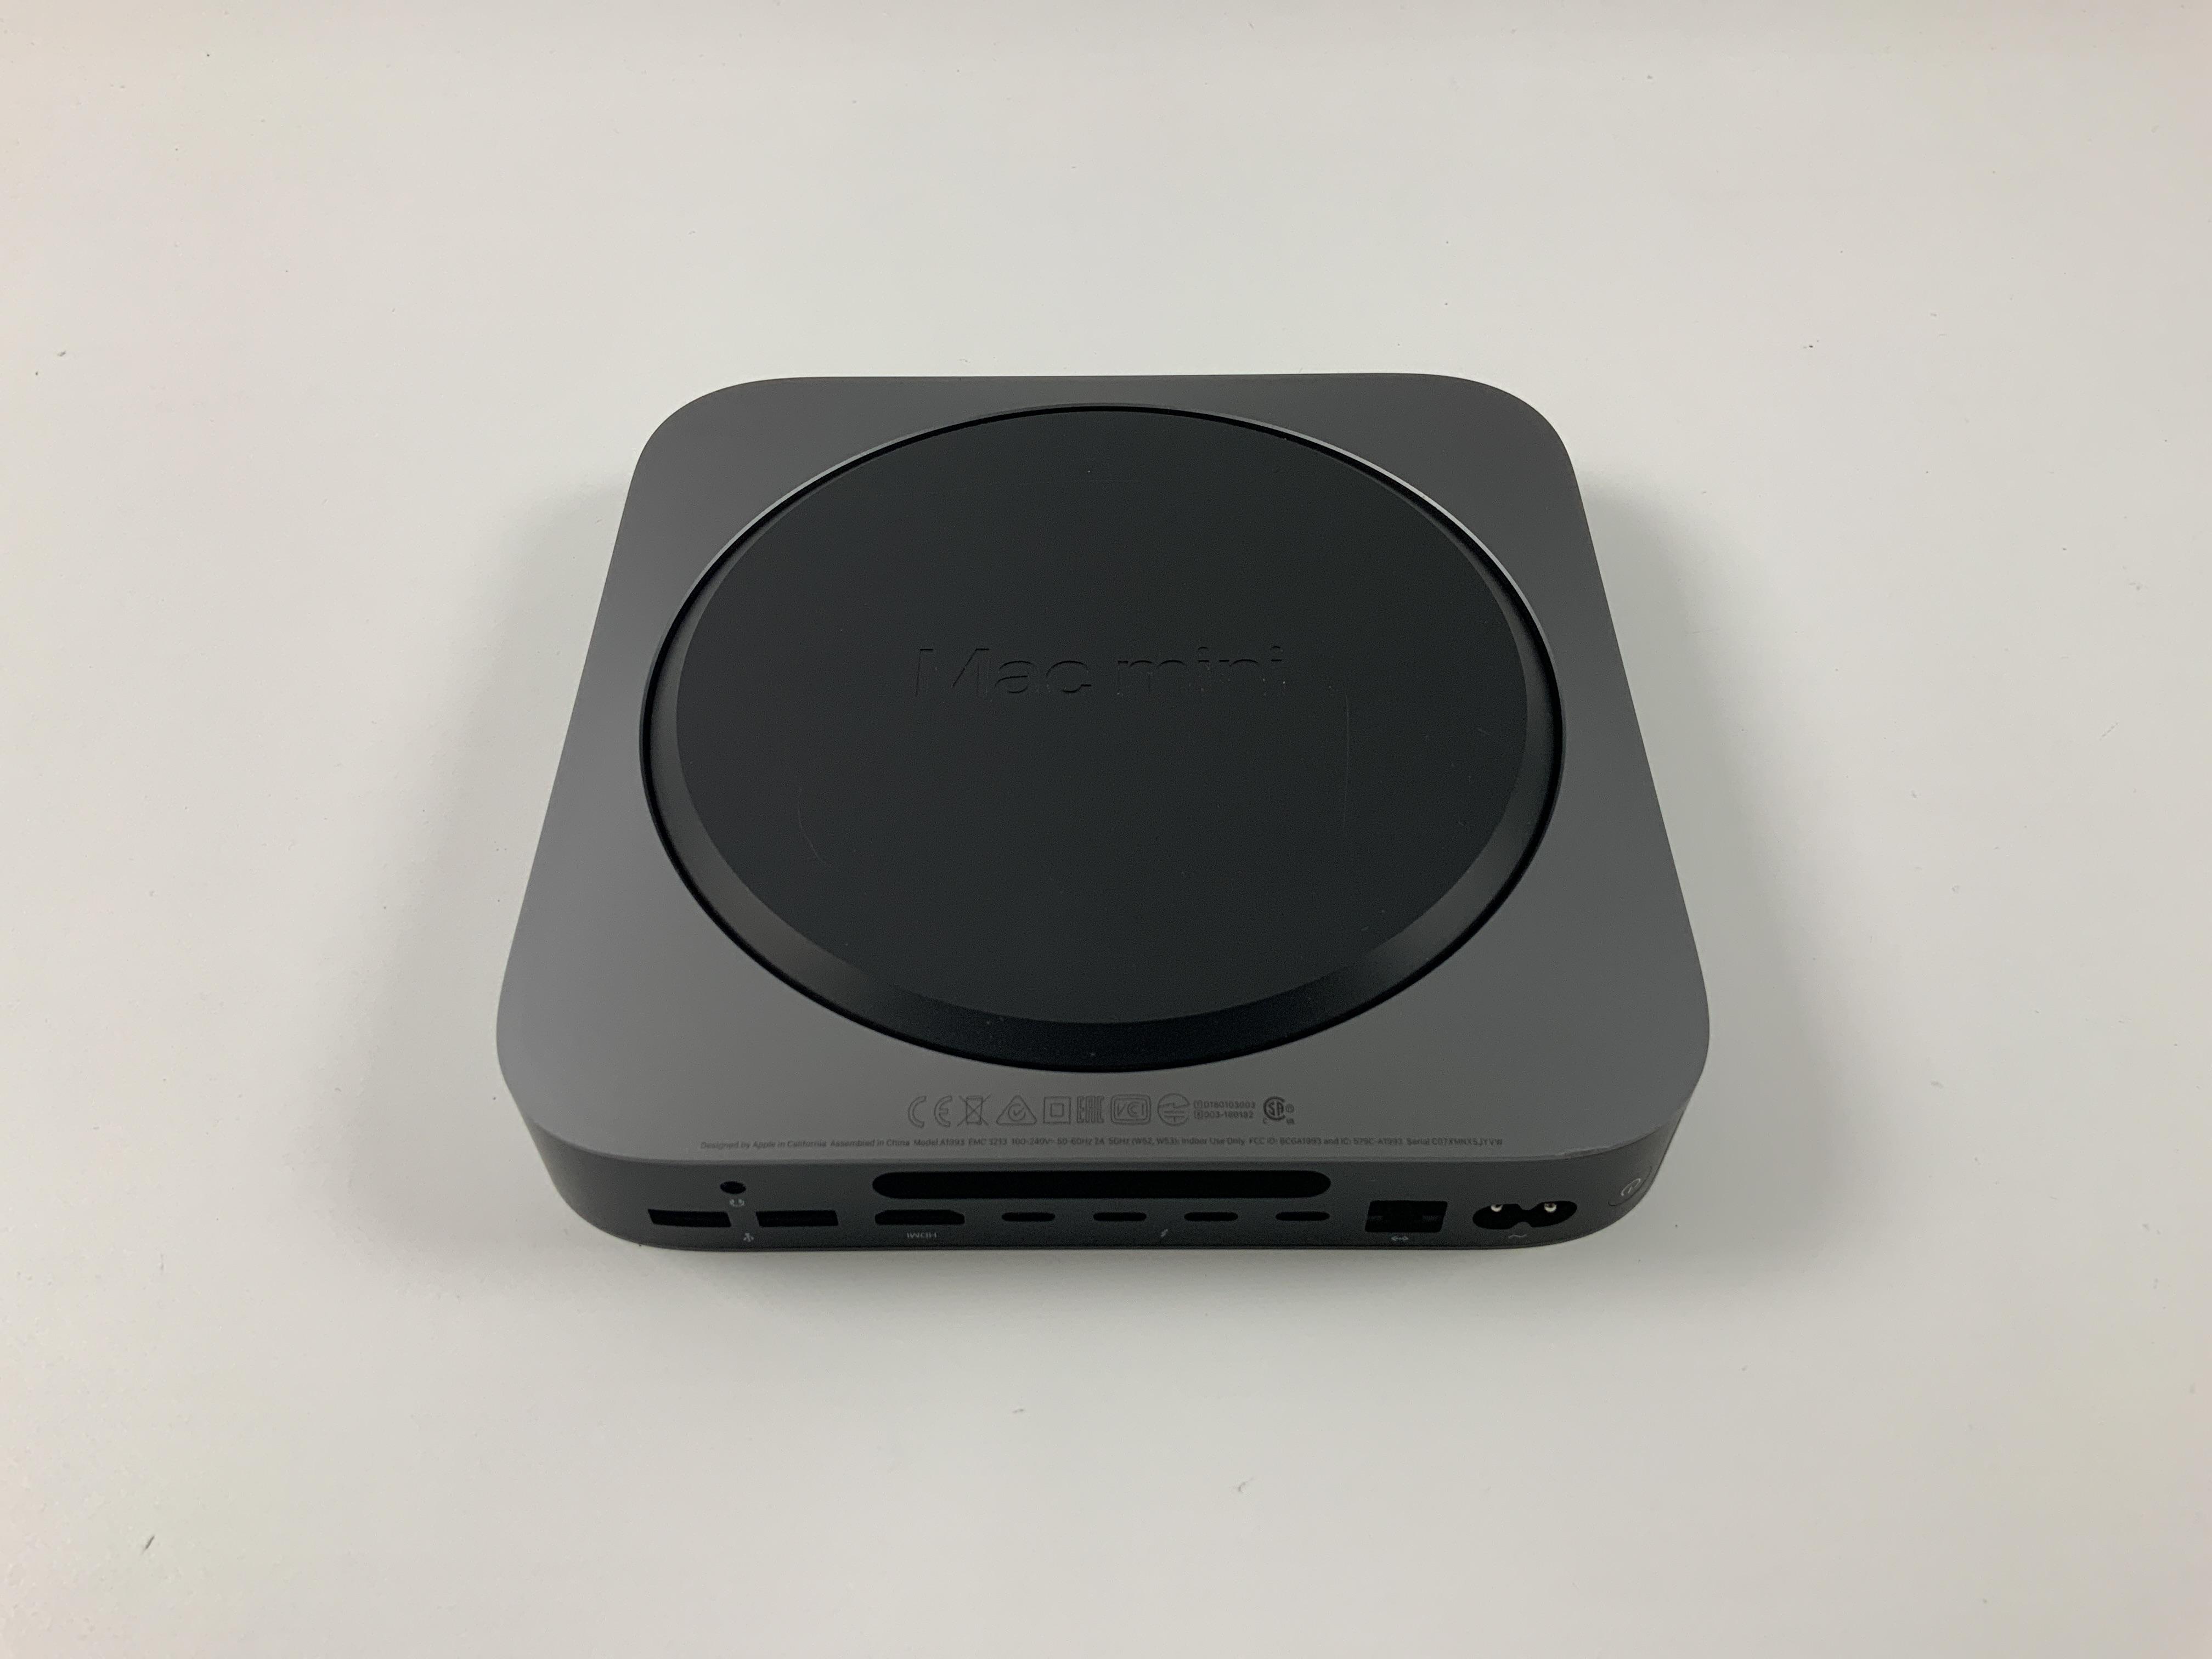 Mac Mini Late 2018 (Intel Quad-Core i3 3.6 GHz 32 GB RAM 128 GB SSD), Intel Quad-Core i3 3.6 GHz, 32 GB RAM, 128 GB SSD, Kuva 2